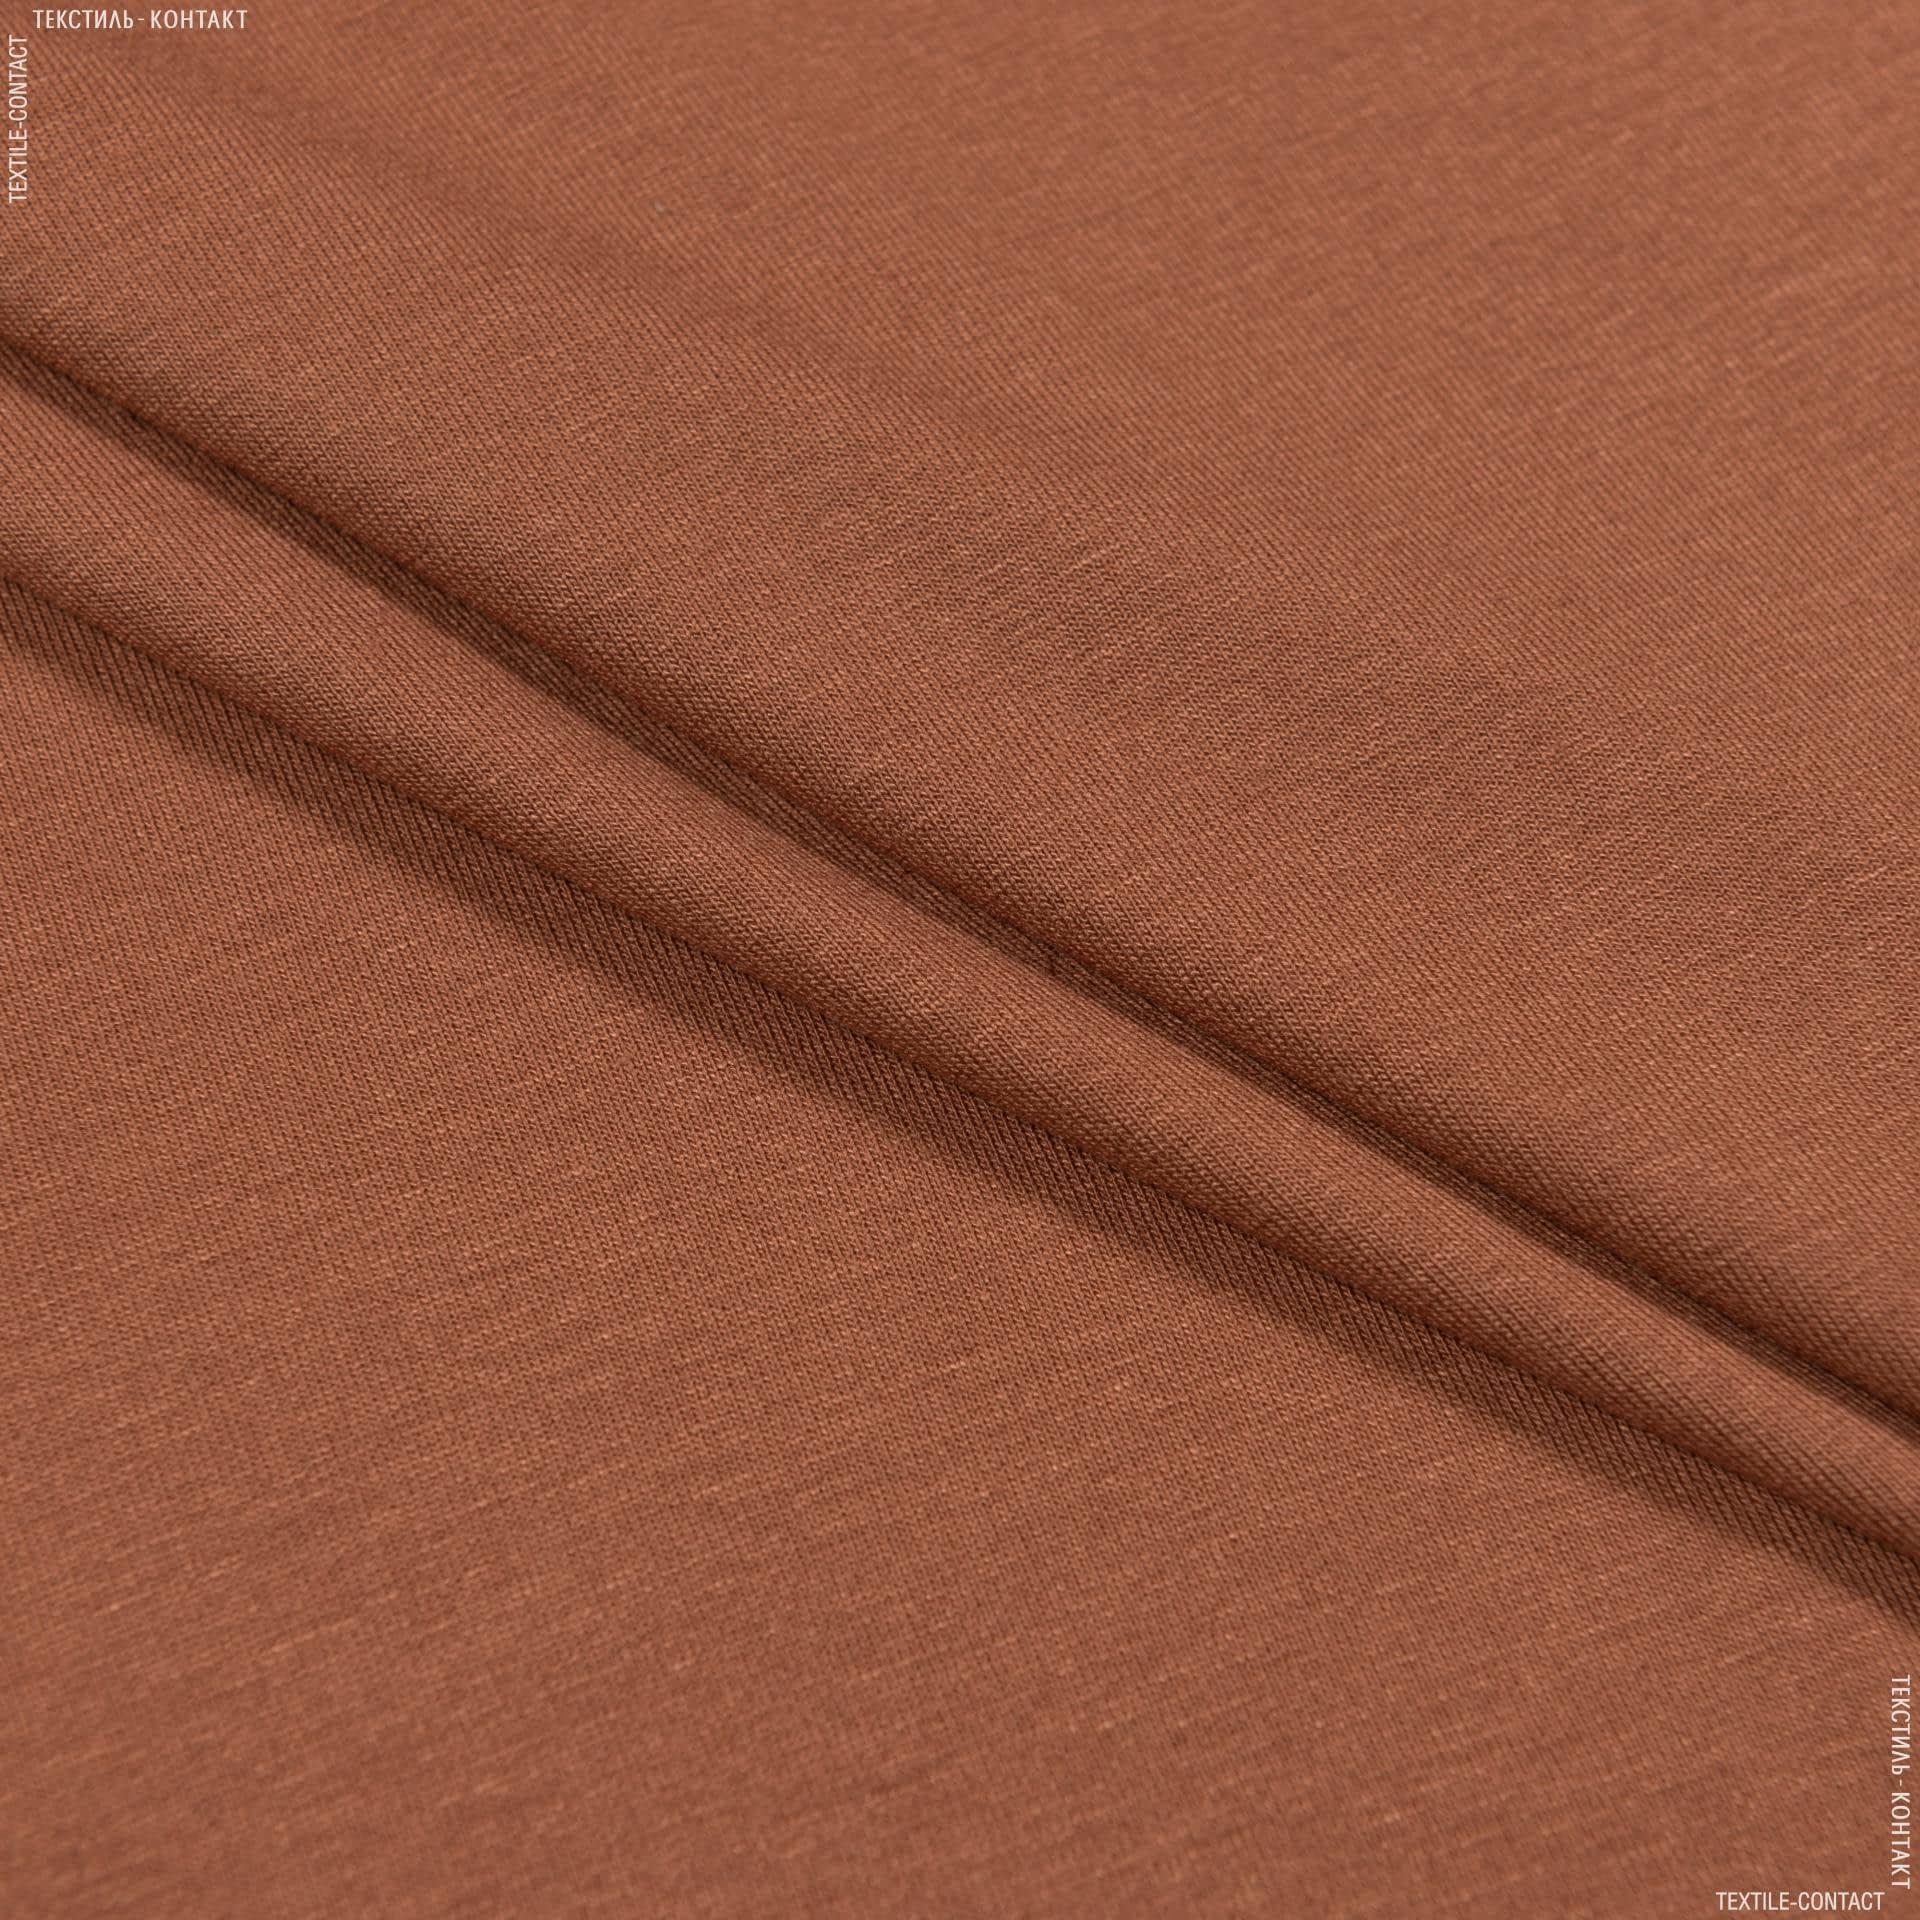 Тканини для суконь - Трикотаж світло-теракотовий